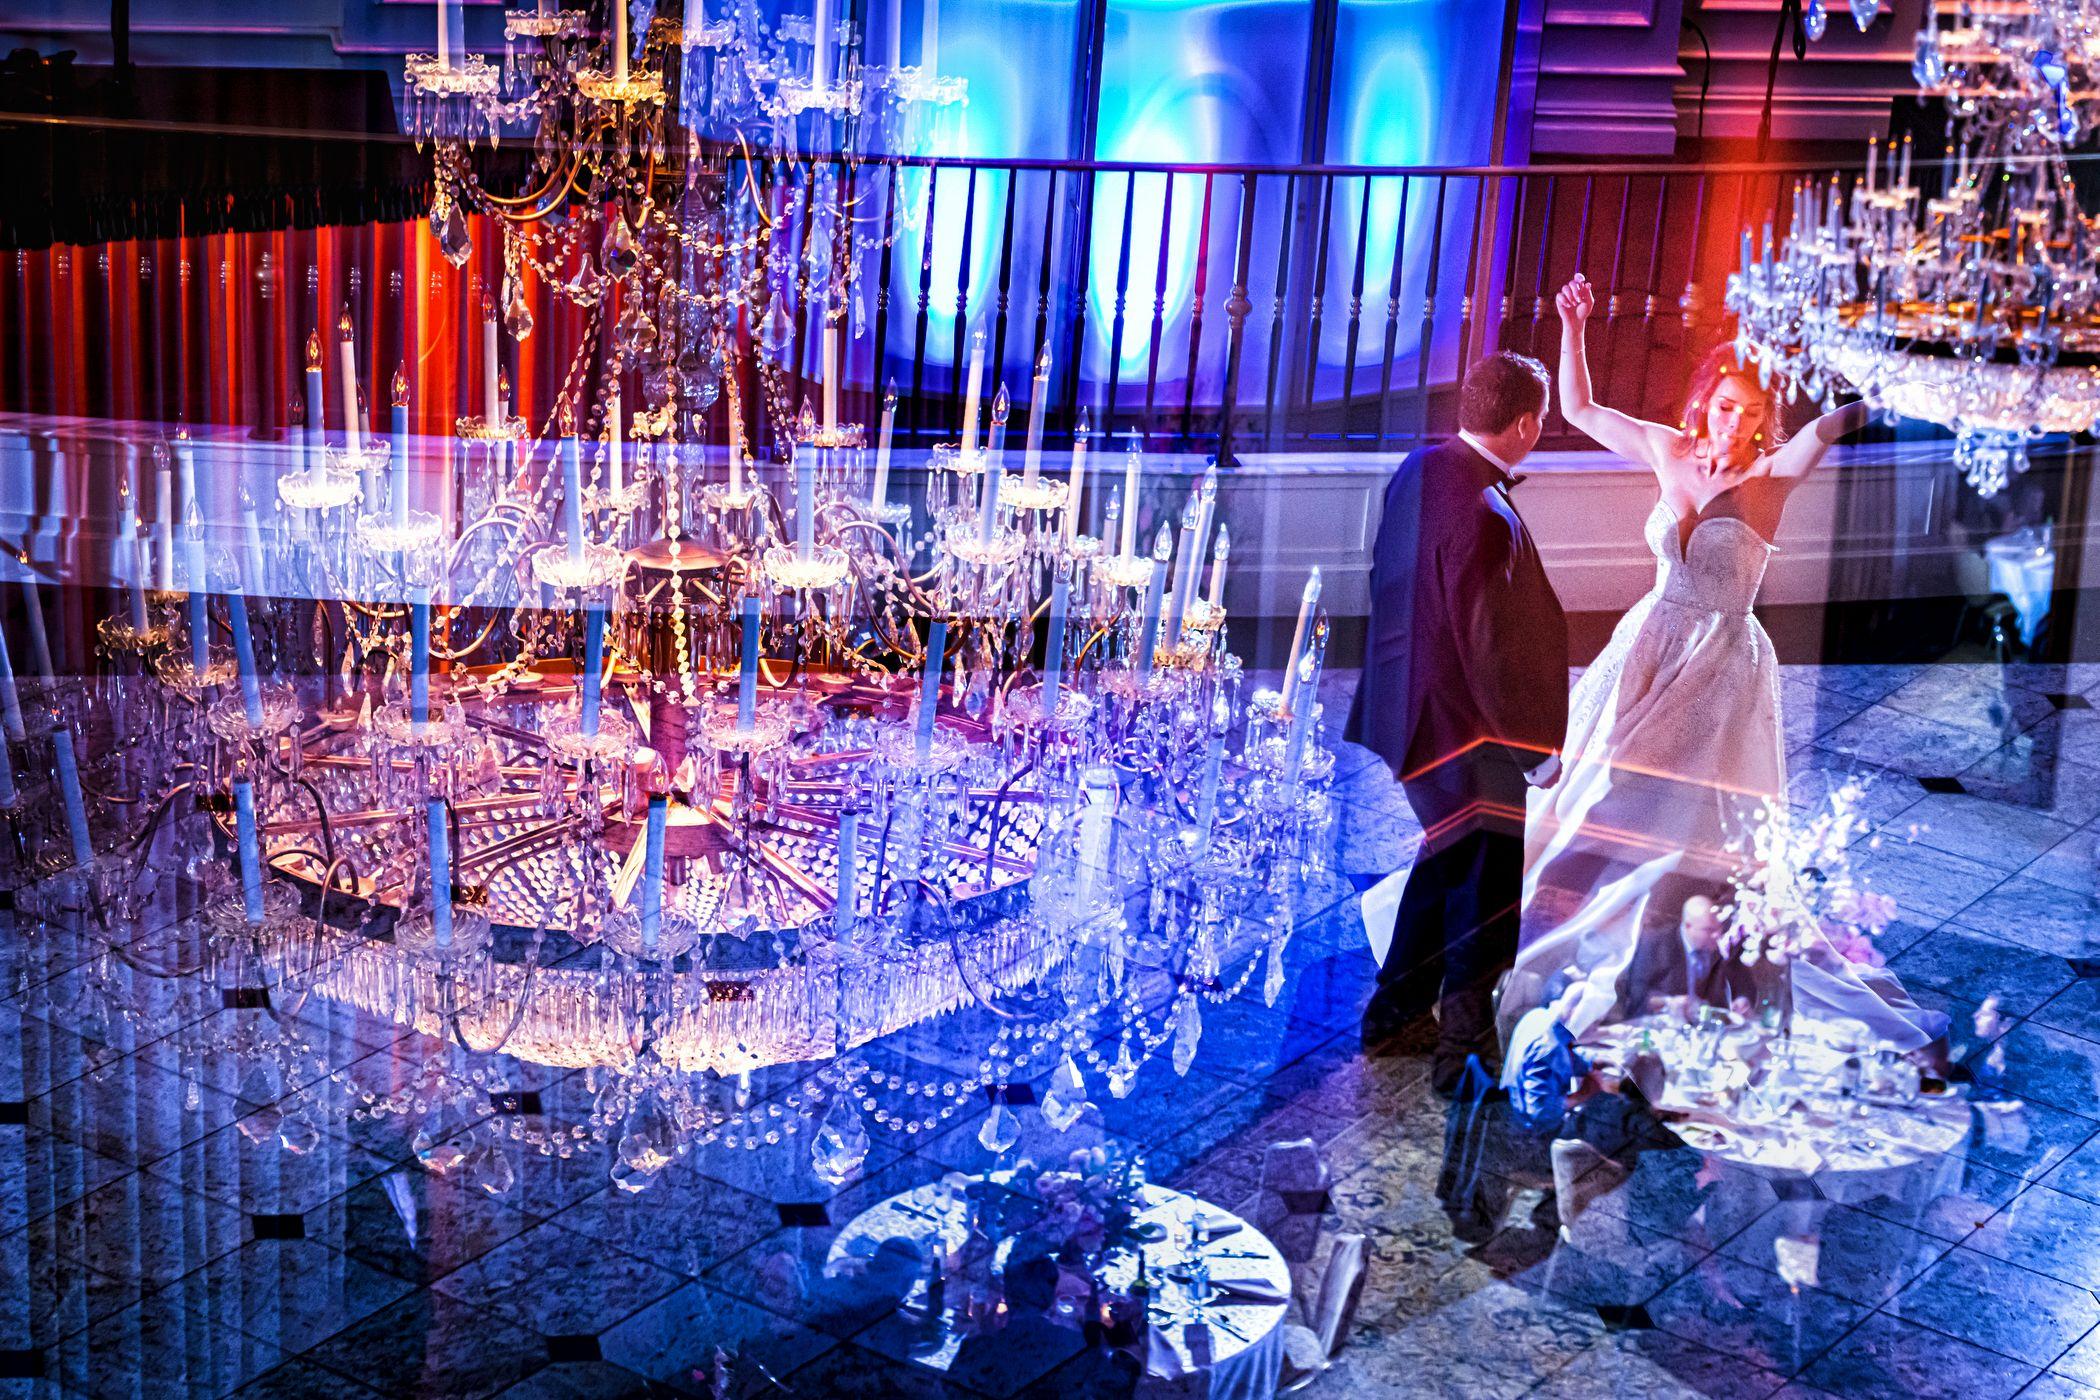 Wedding Dance In Double Exposure